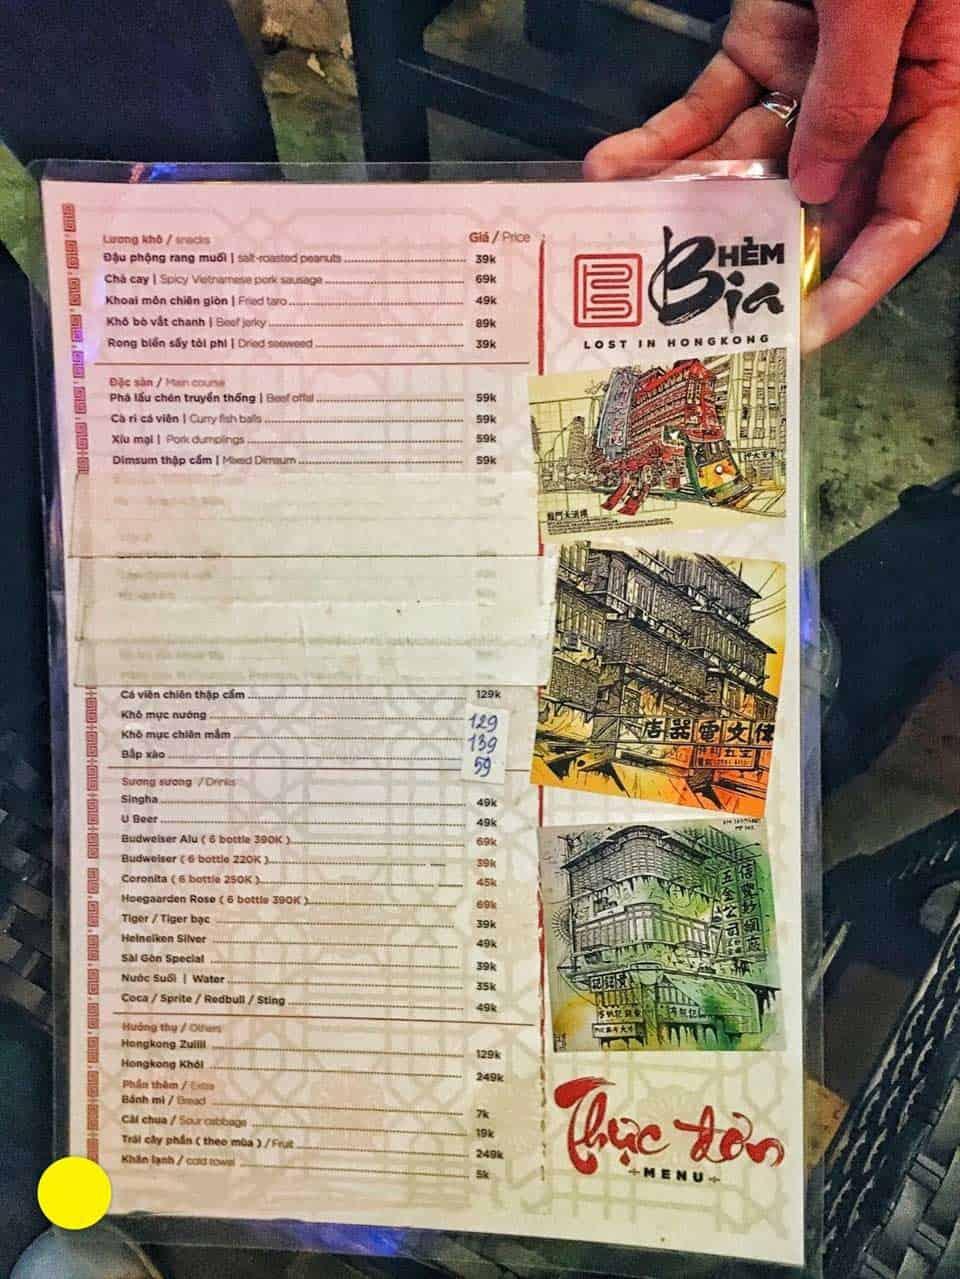 Cùng kham khảo qua menu tại hẻm bia nha- Giá cả phải chăng với nhiều sự lựa chọn